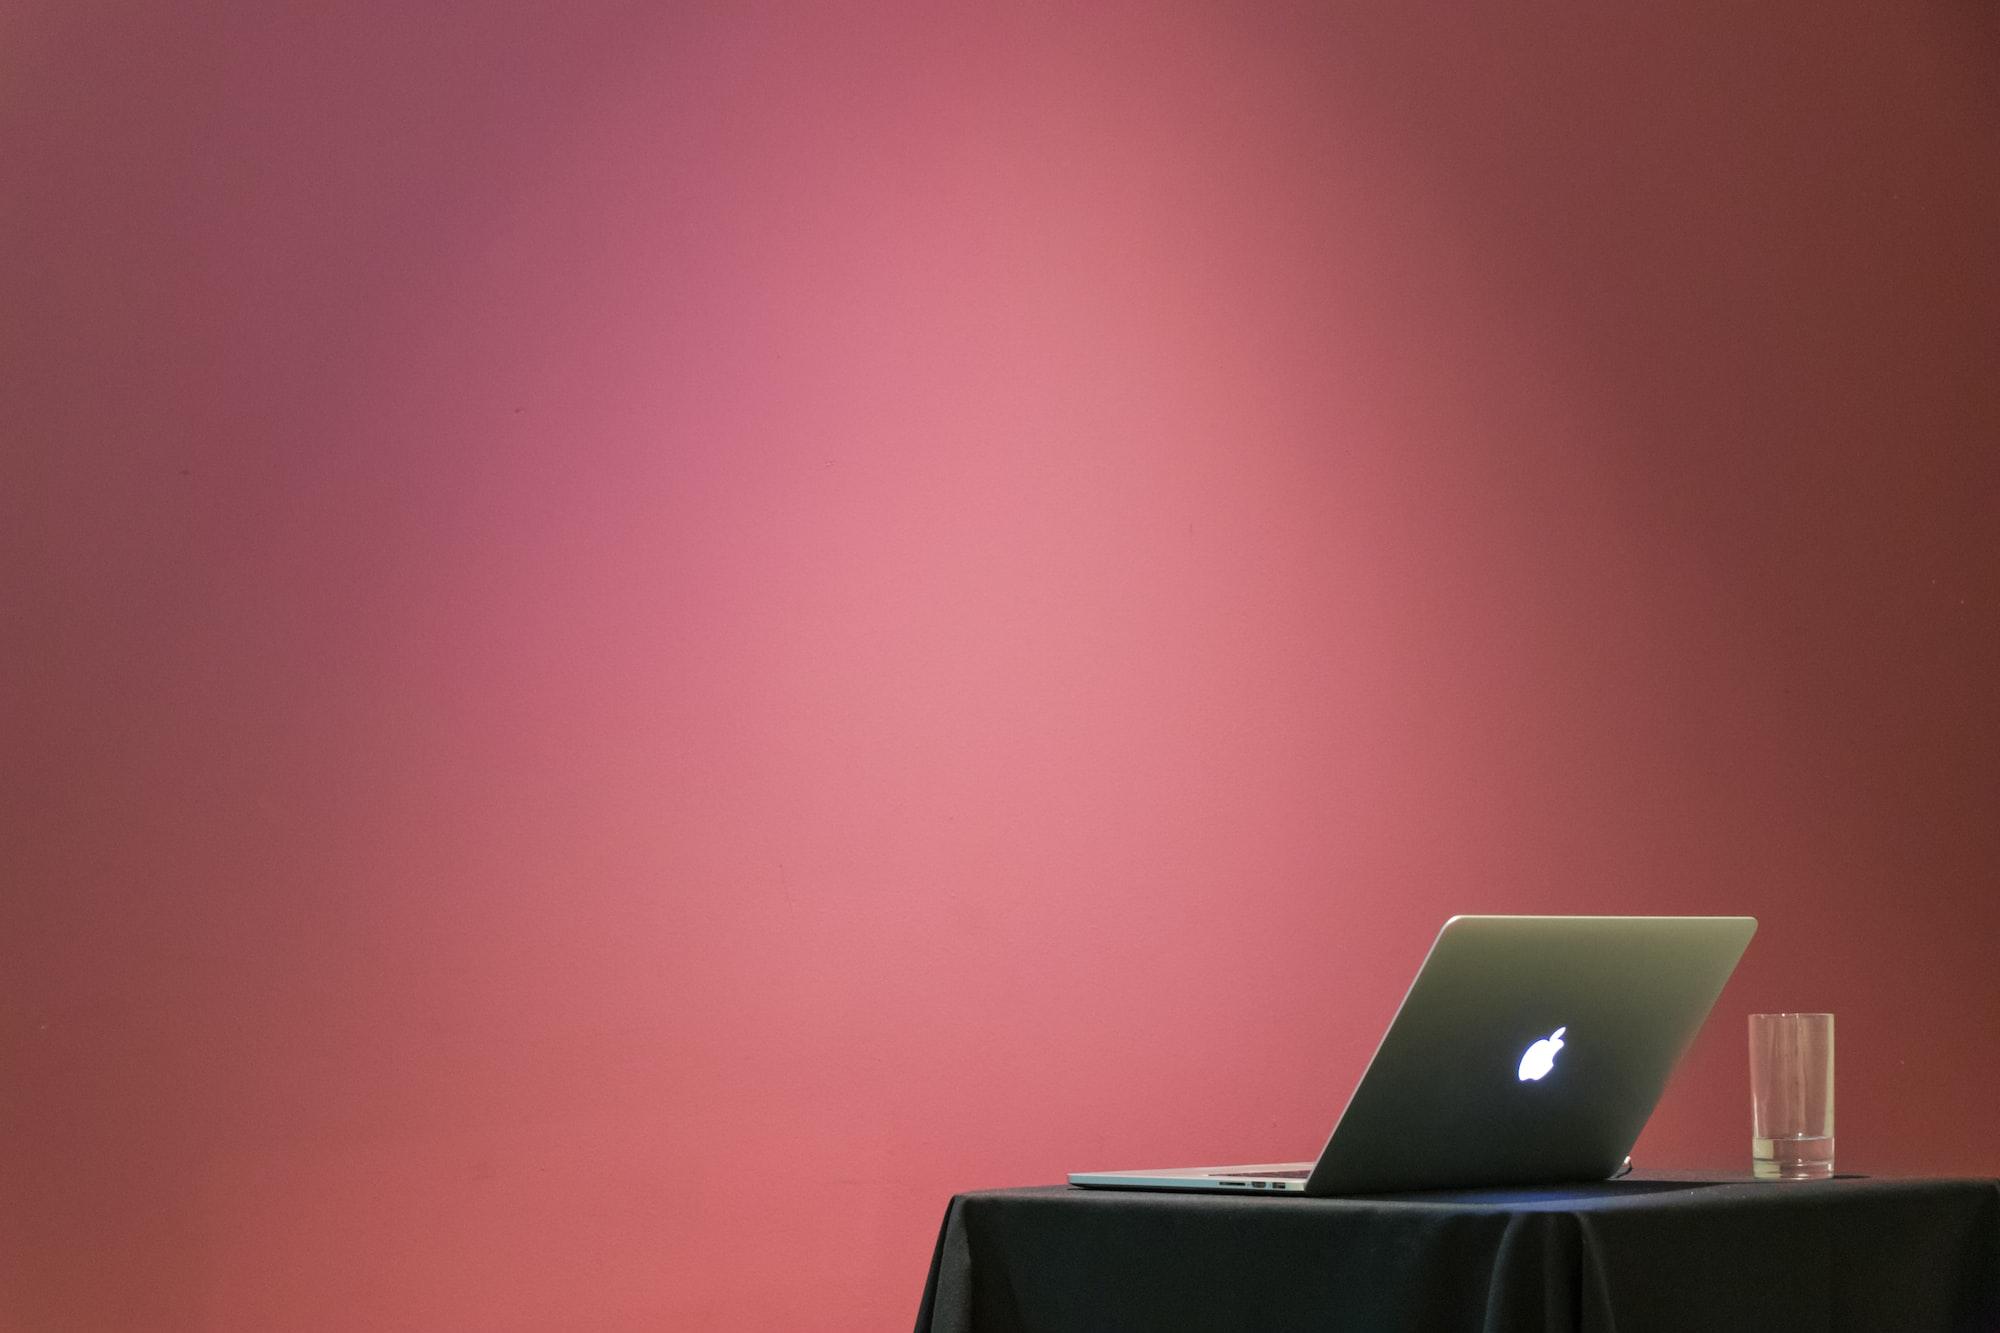 Keynote, Women in Tech Network: Breaking down gender discrimination